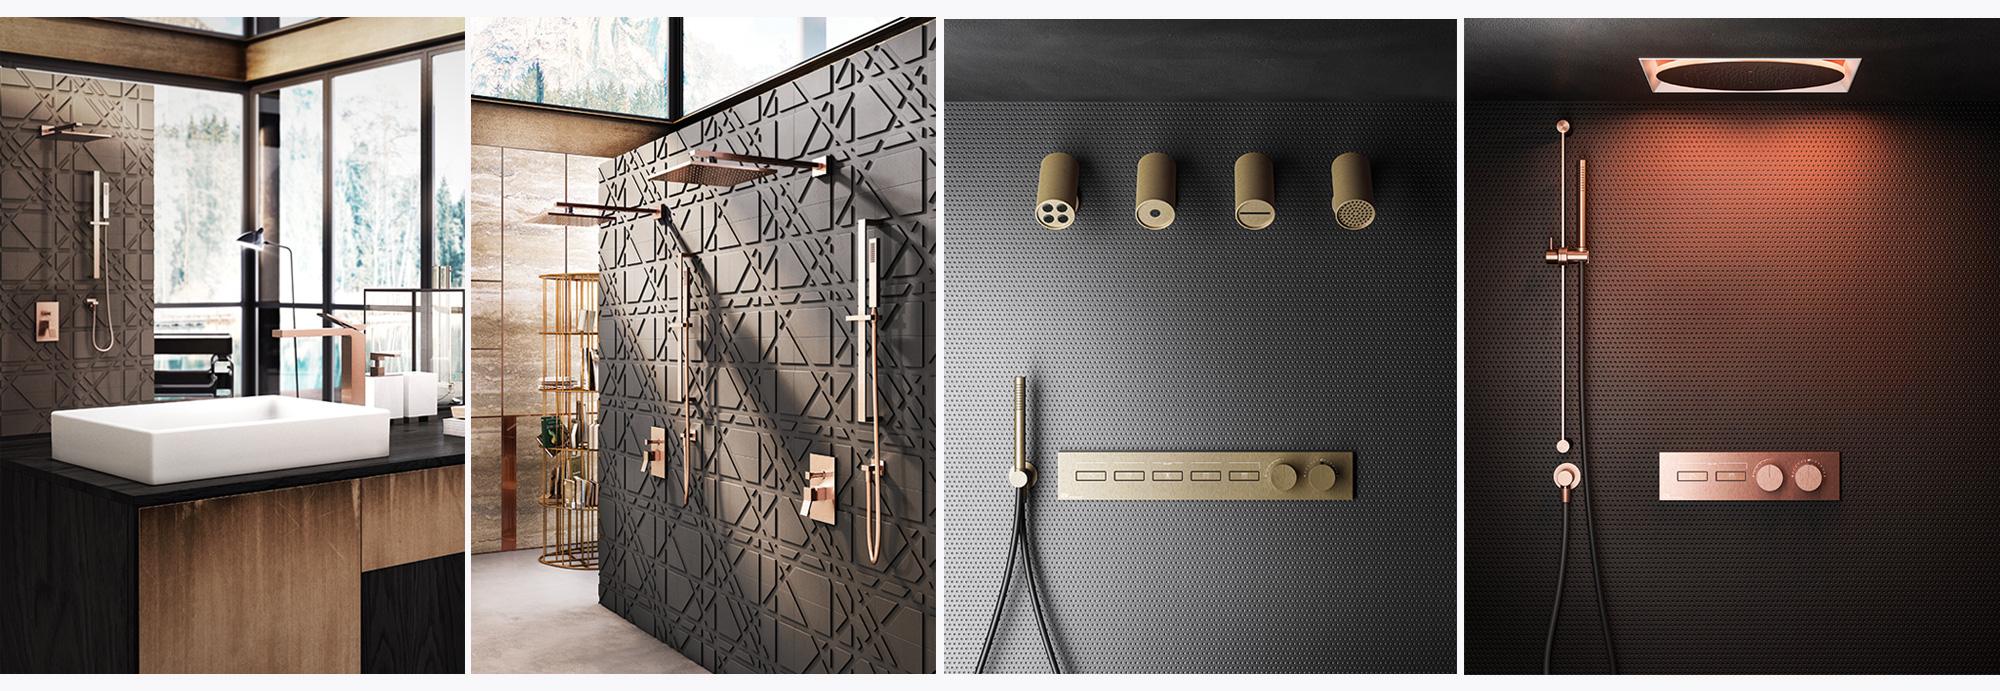 Vẻ đẹp nguyên bản trong các thiết kế từ thủ công truyền thống đến công nghệ hiện đại - Ảnh 12.